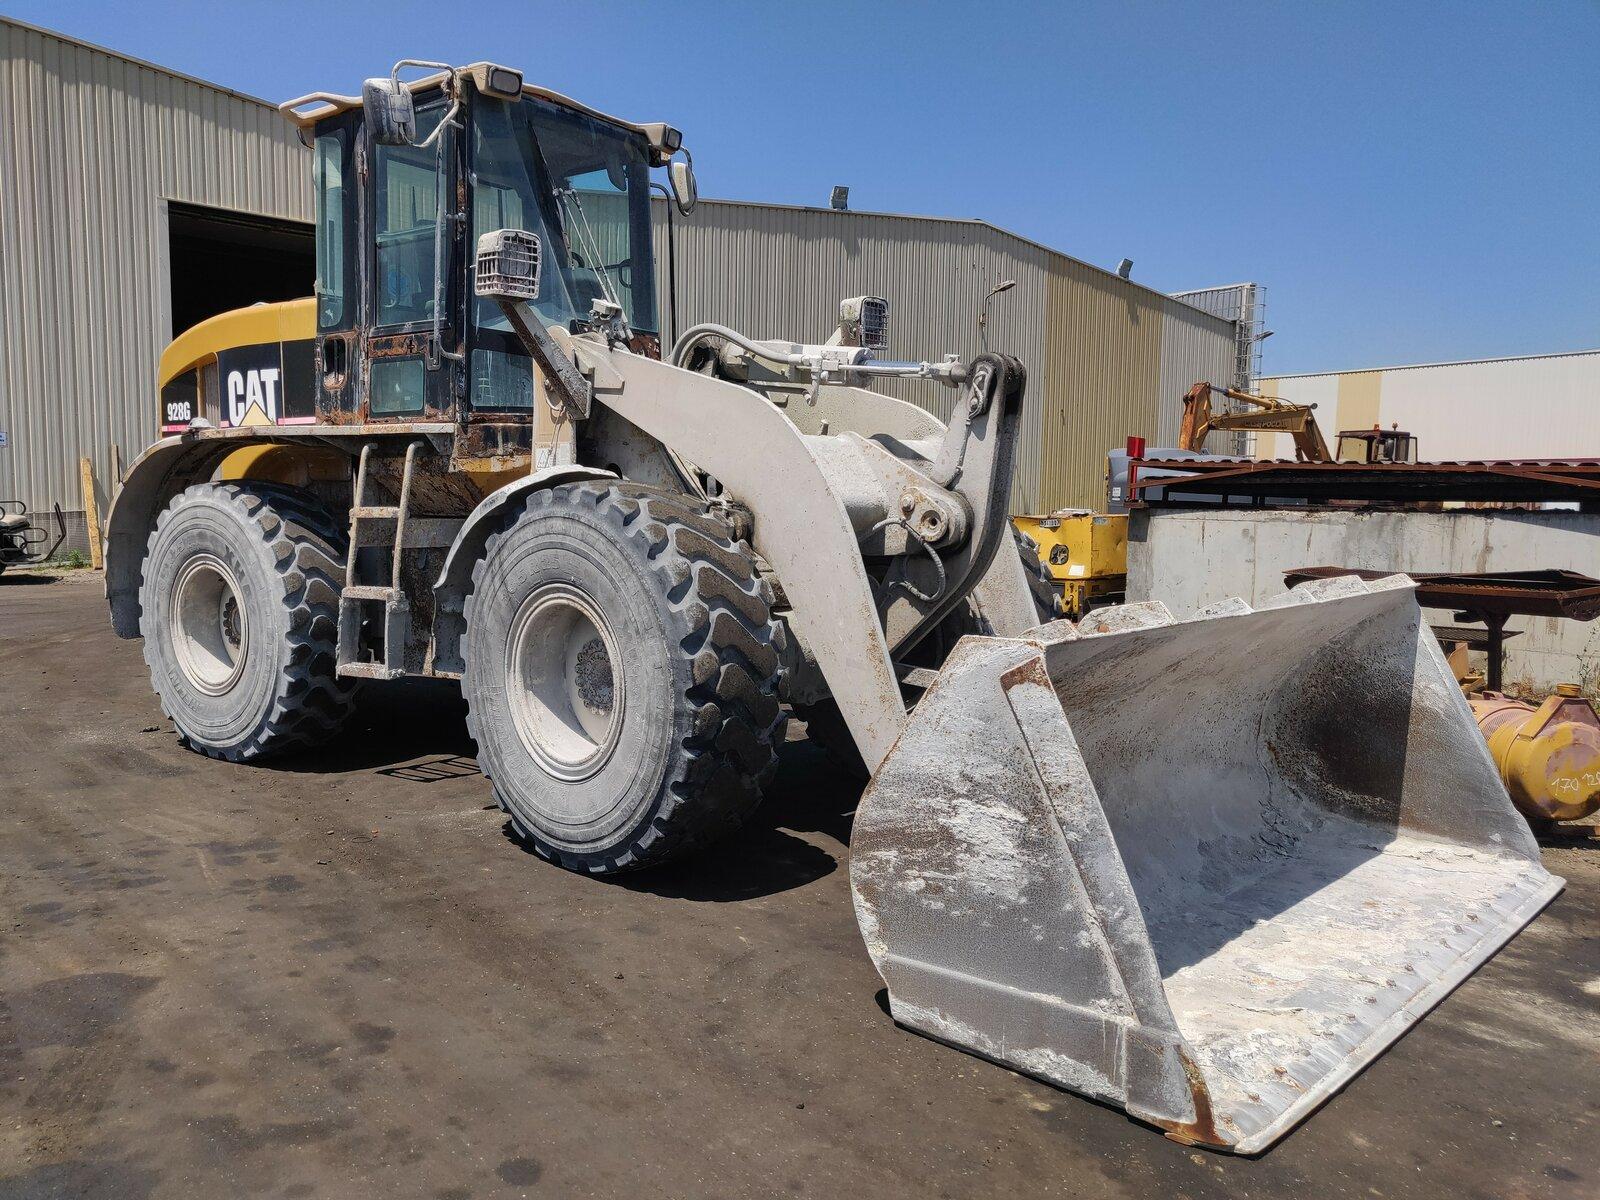 Wheel loader CATERPILLAR 928G - Codimatra<br />